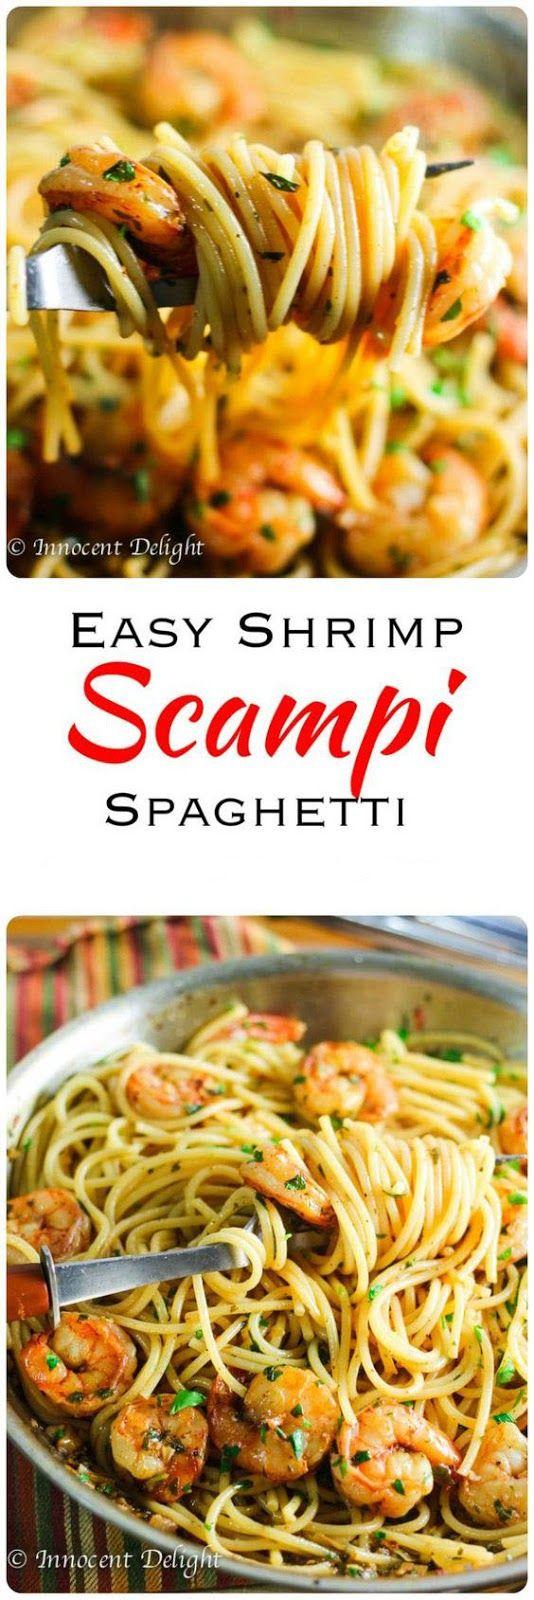 Easy Shrimp Scampi Spaghetti Recipe | Delicious Recipe #spaghetti #shrimp #scamp…